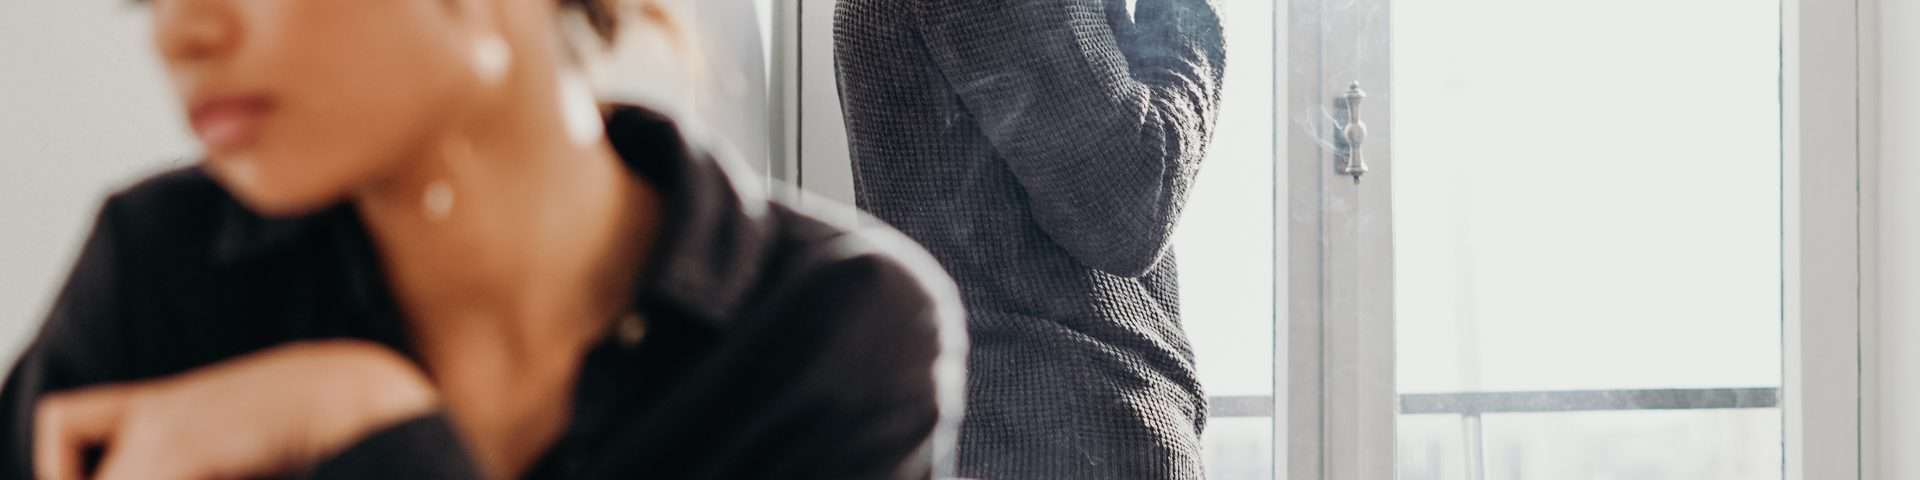 10 Zeichen, dass du mit jemandem zusammen bist, der zu egoistisch für eine Beziehung ist